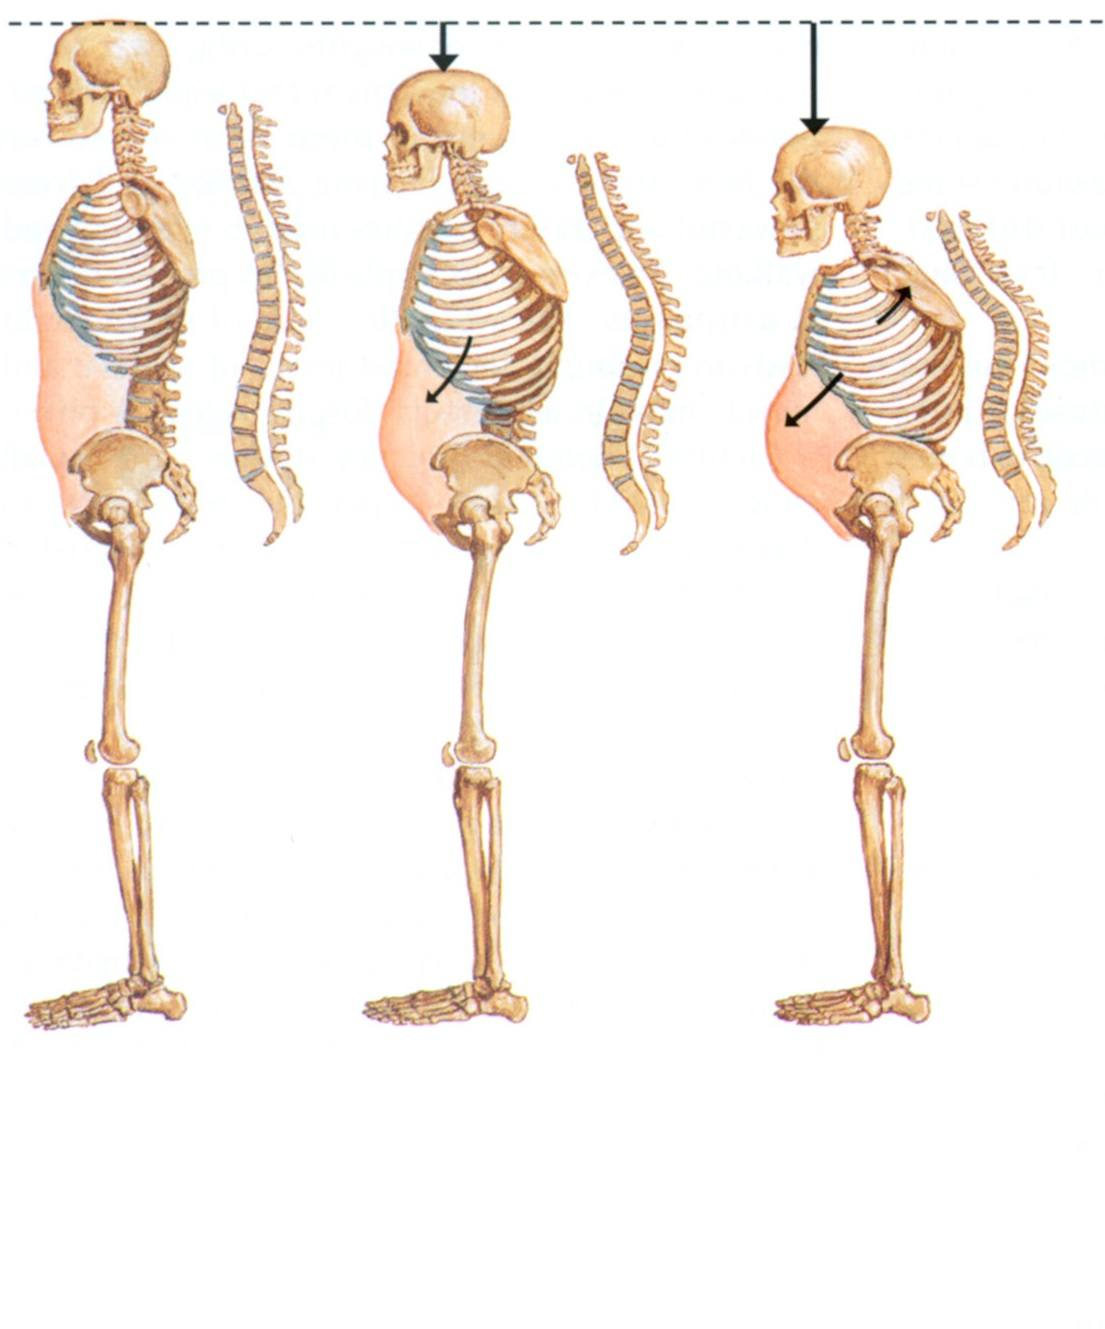 изменения в позвоночнике при остеопорозе